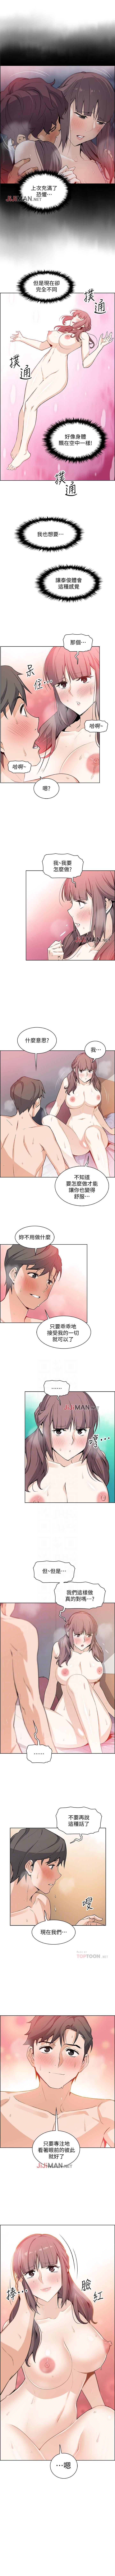 【周四连载】前女友变女佣(作者:PAPER&頸枕) 第1~33话 166